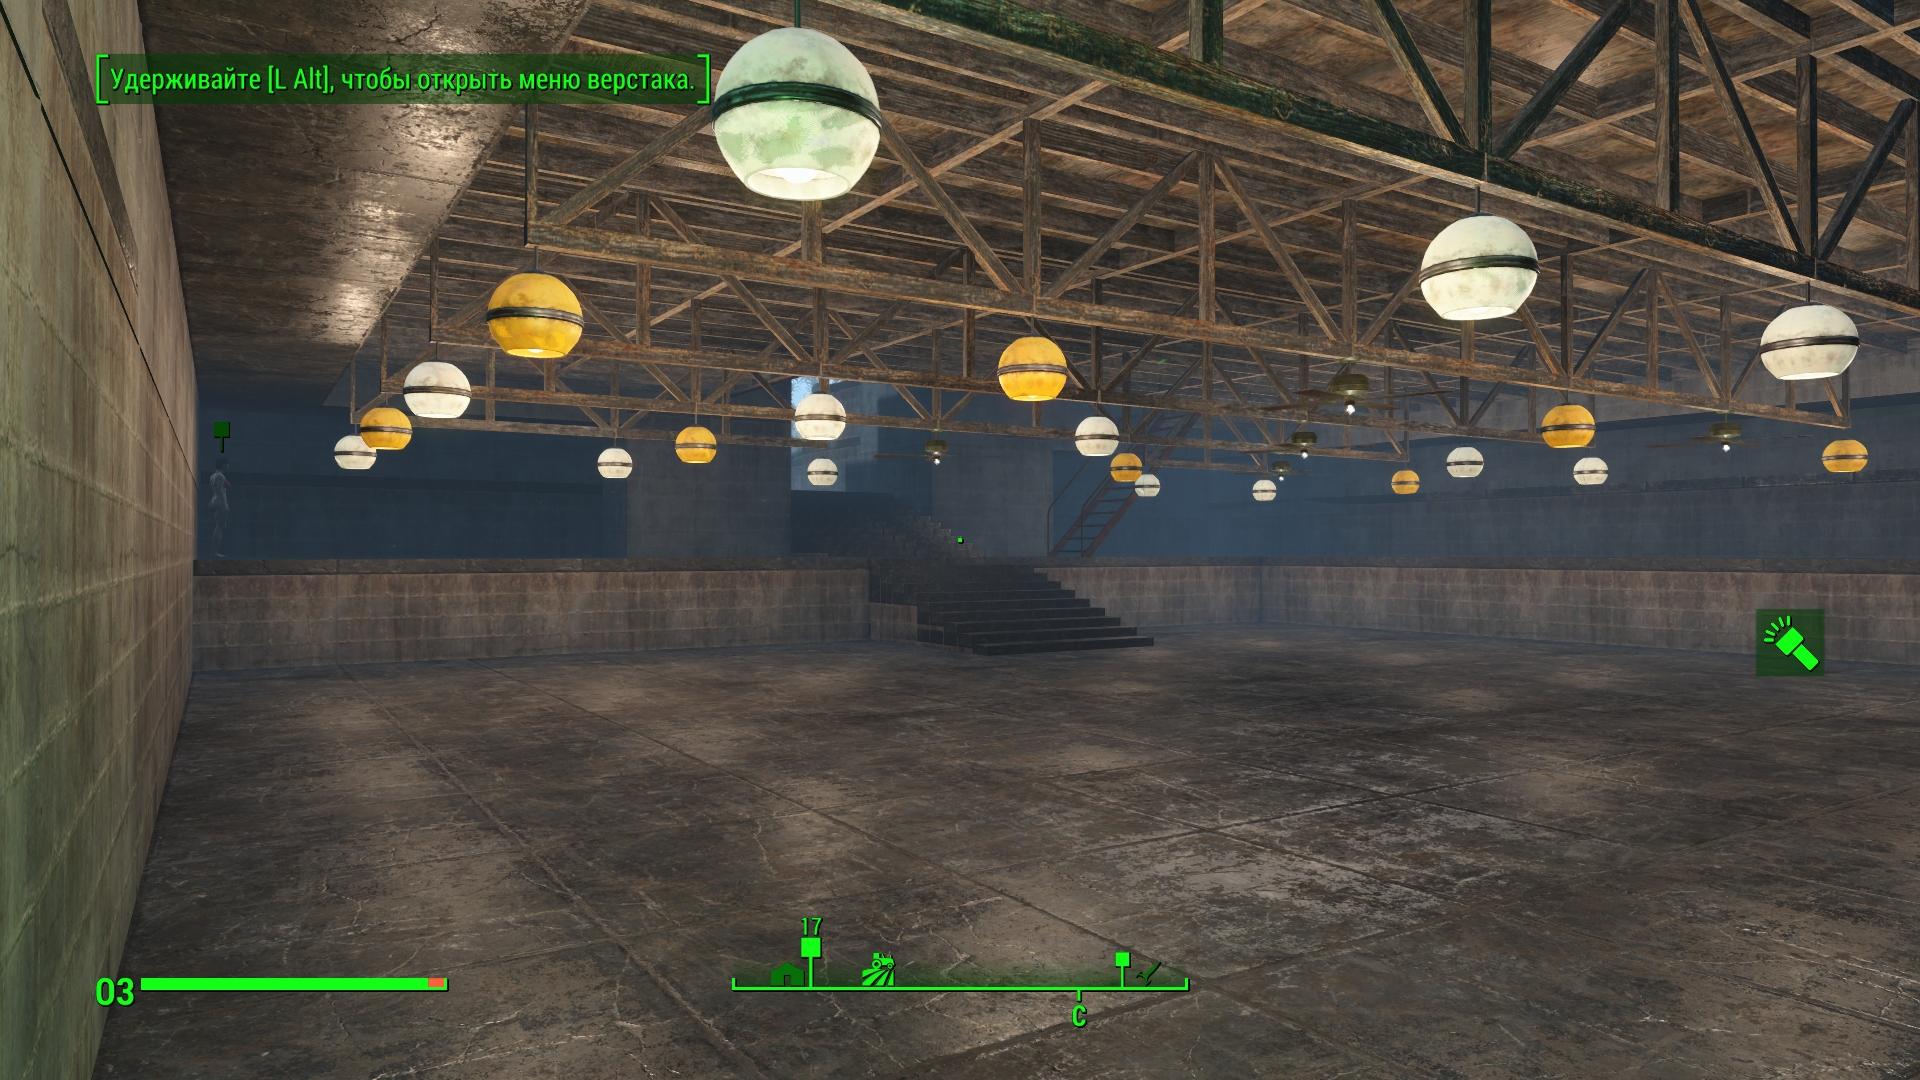 Строительство пирамиды - Fallout 4 Пирамида, Строительство